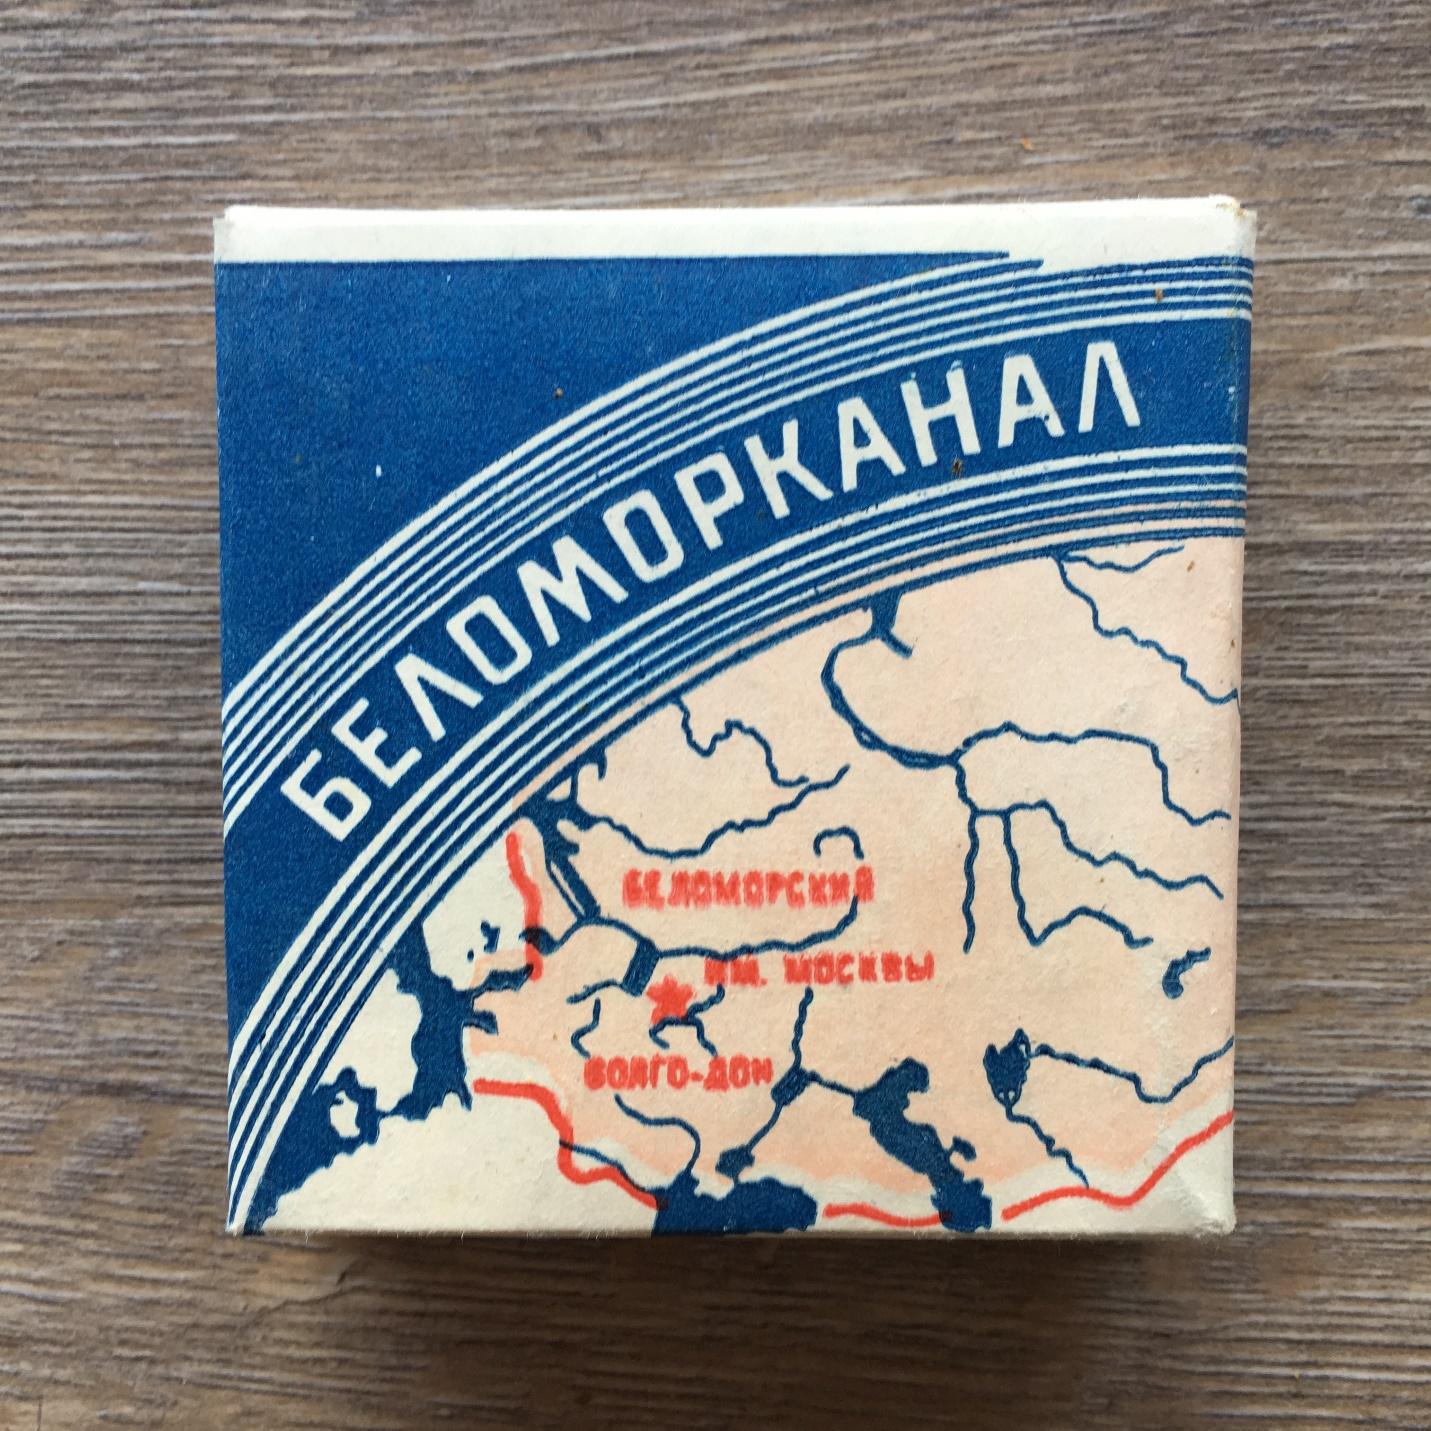 Герцеговина Флор, Бородино и Лайка: подборка 22 фото сигарентных пачек из СССР, которые не все вспомнят